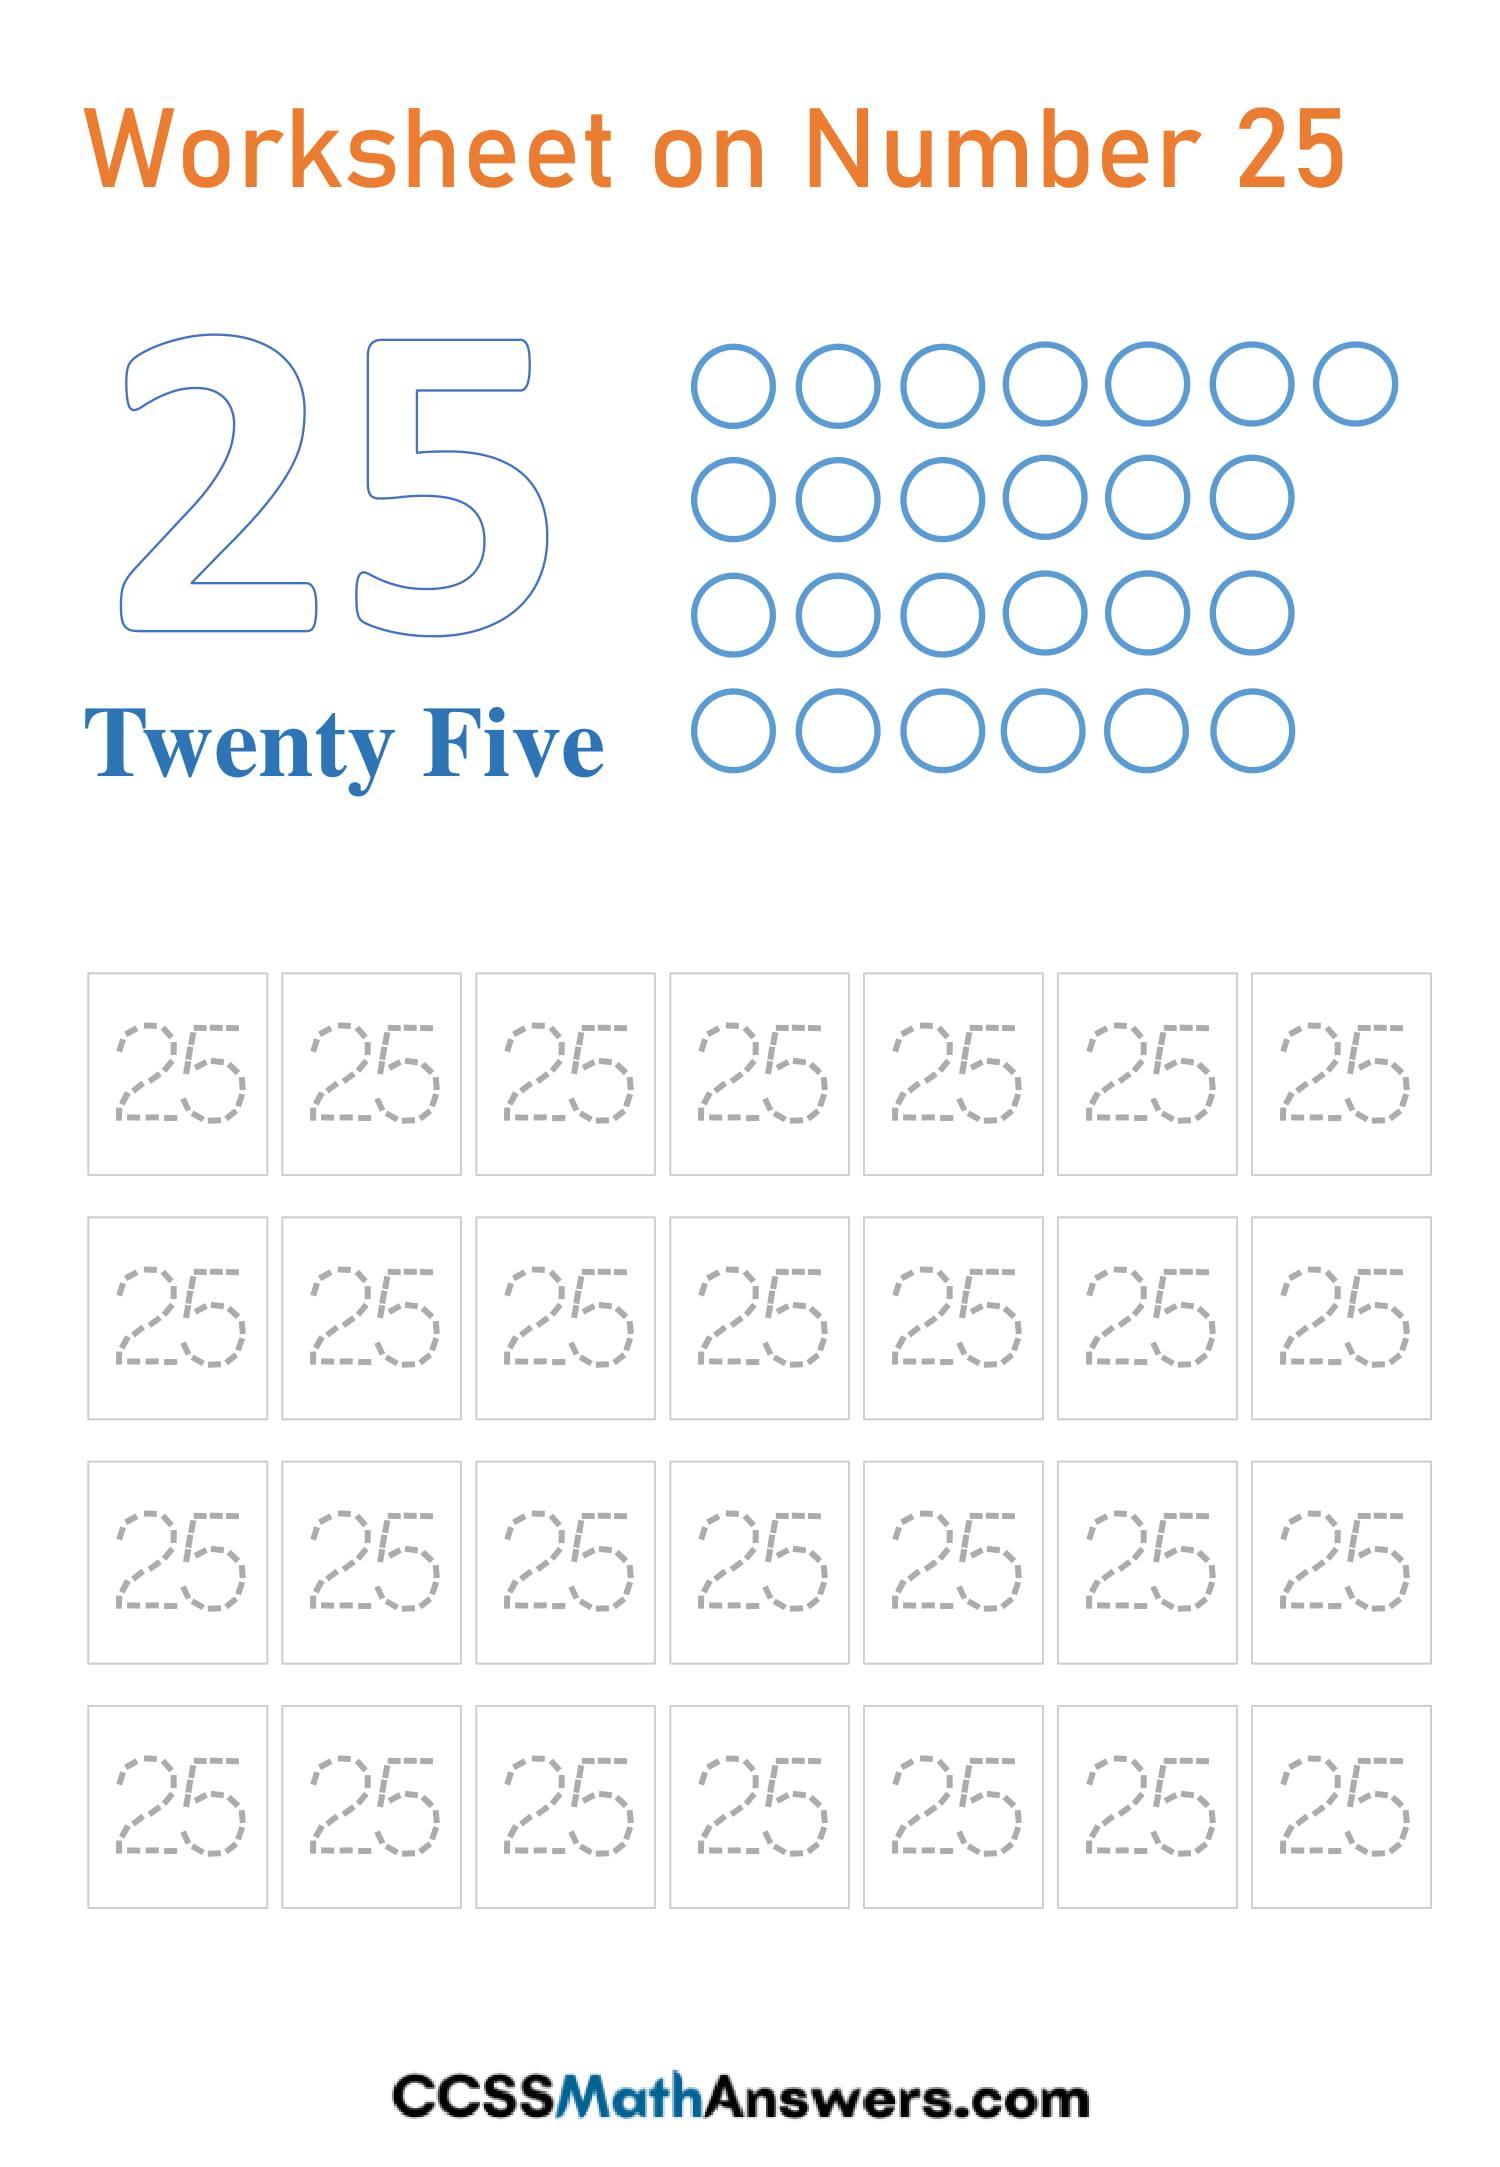 Worksheet on Number 25